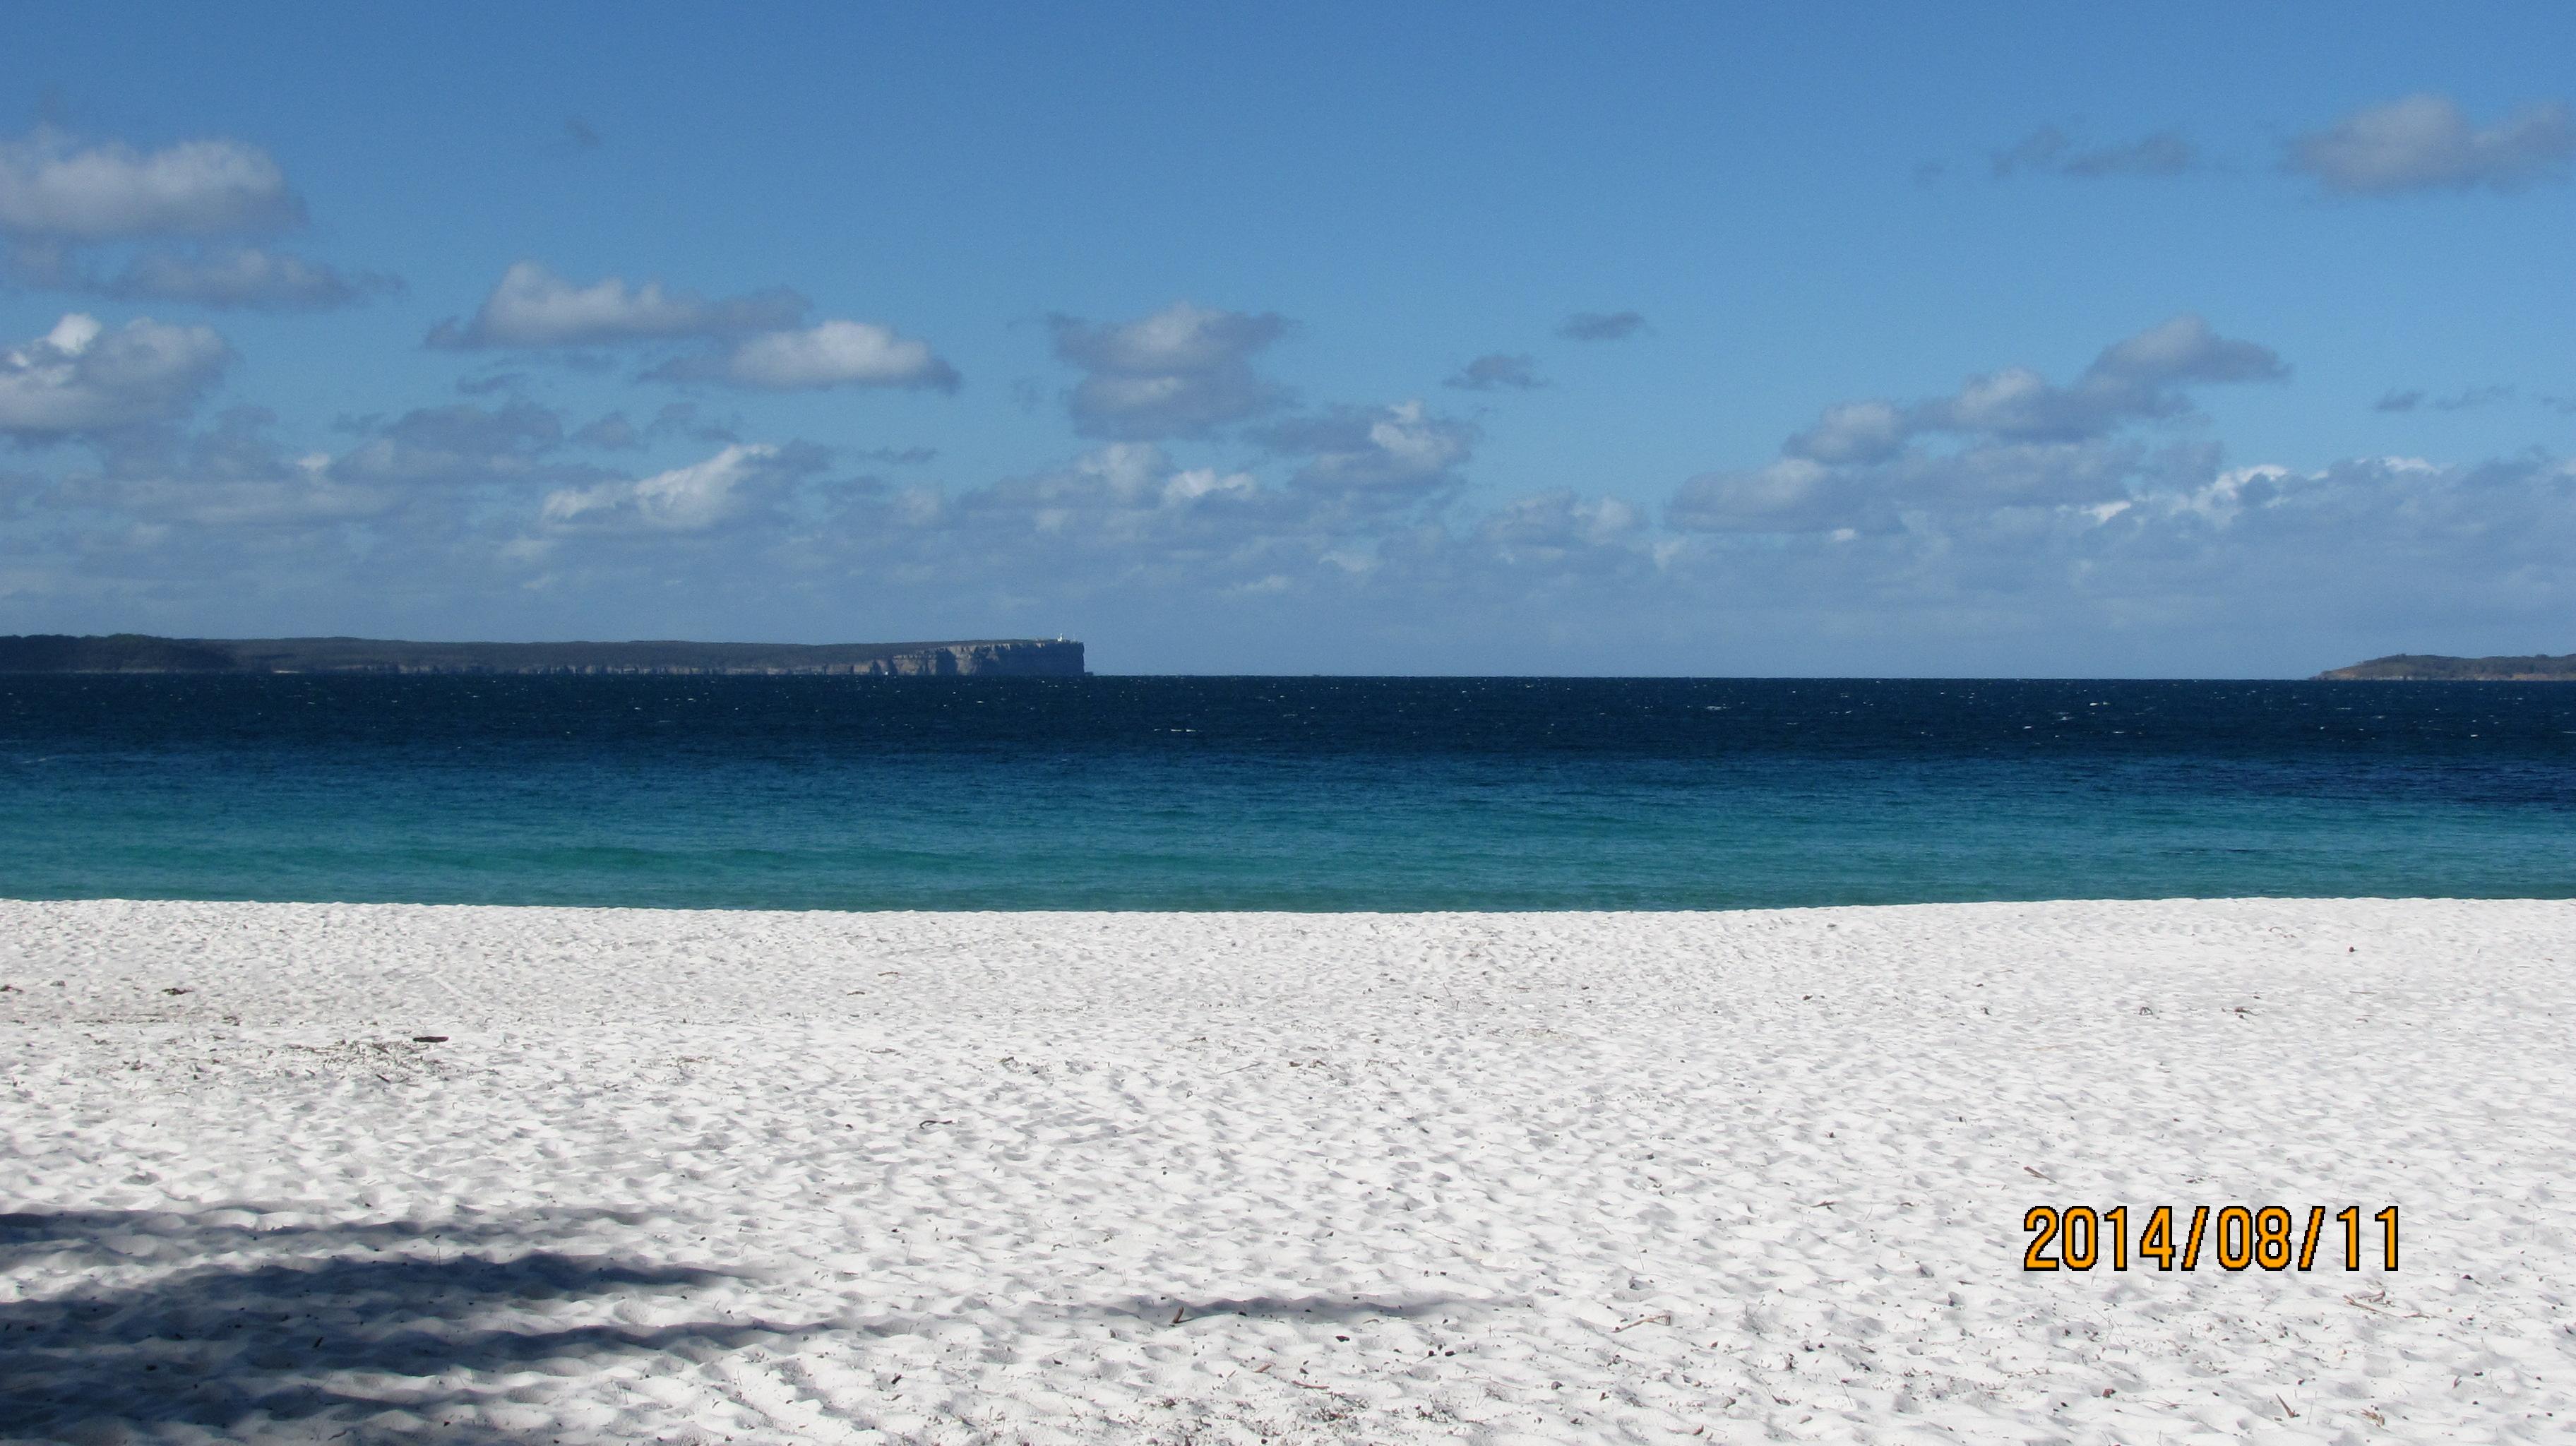 海边蓝色房子图片